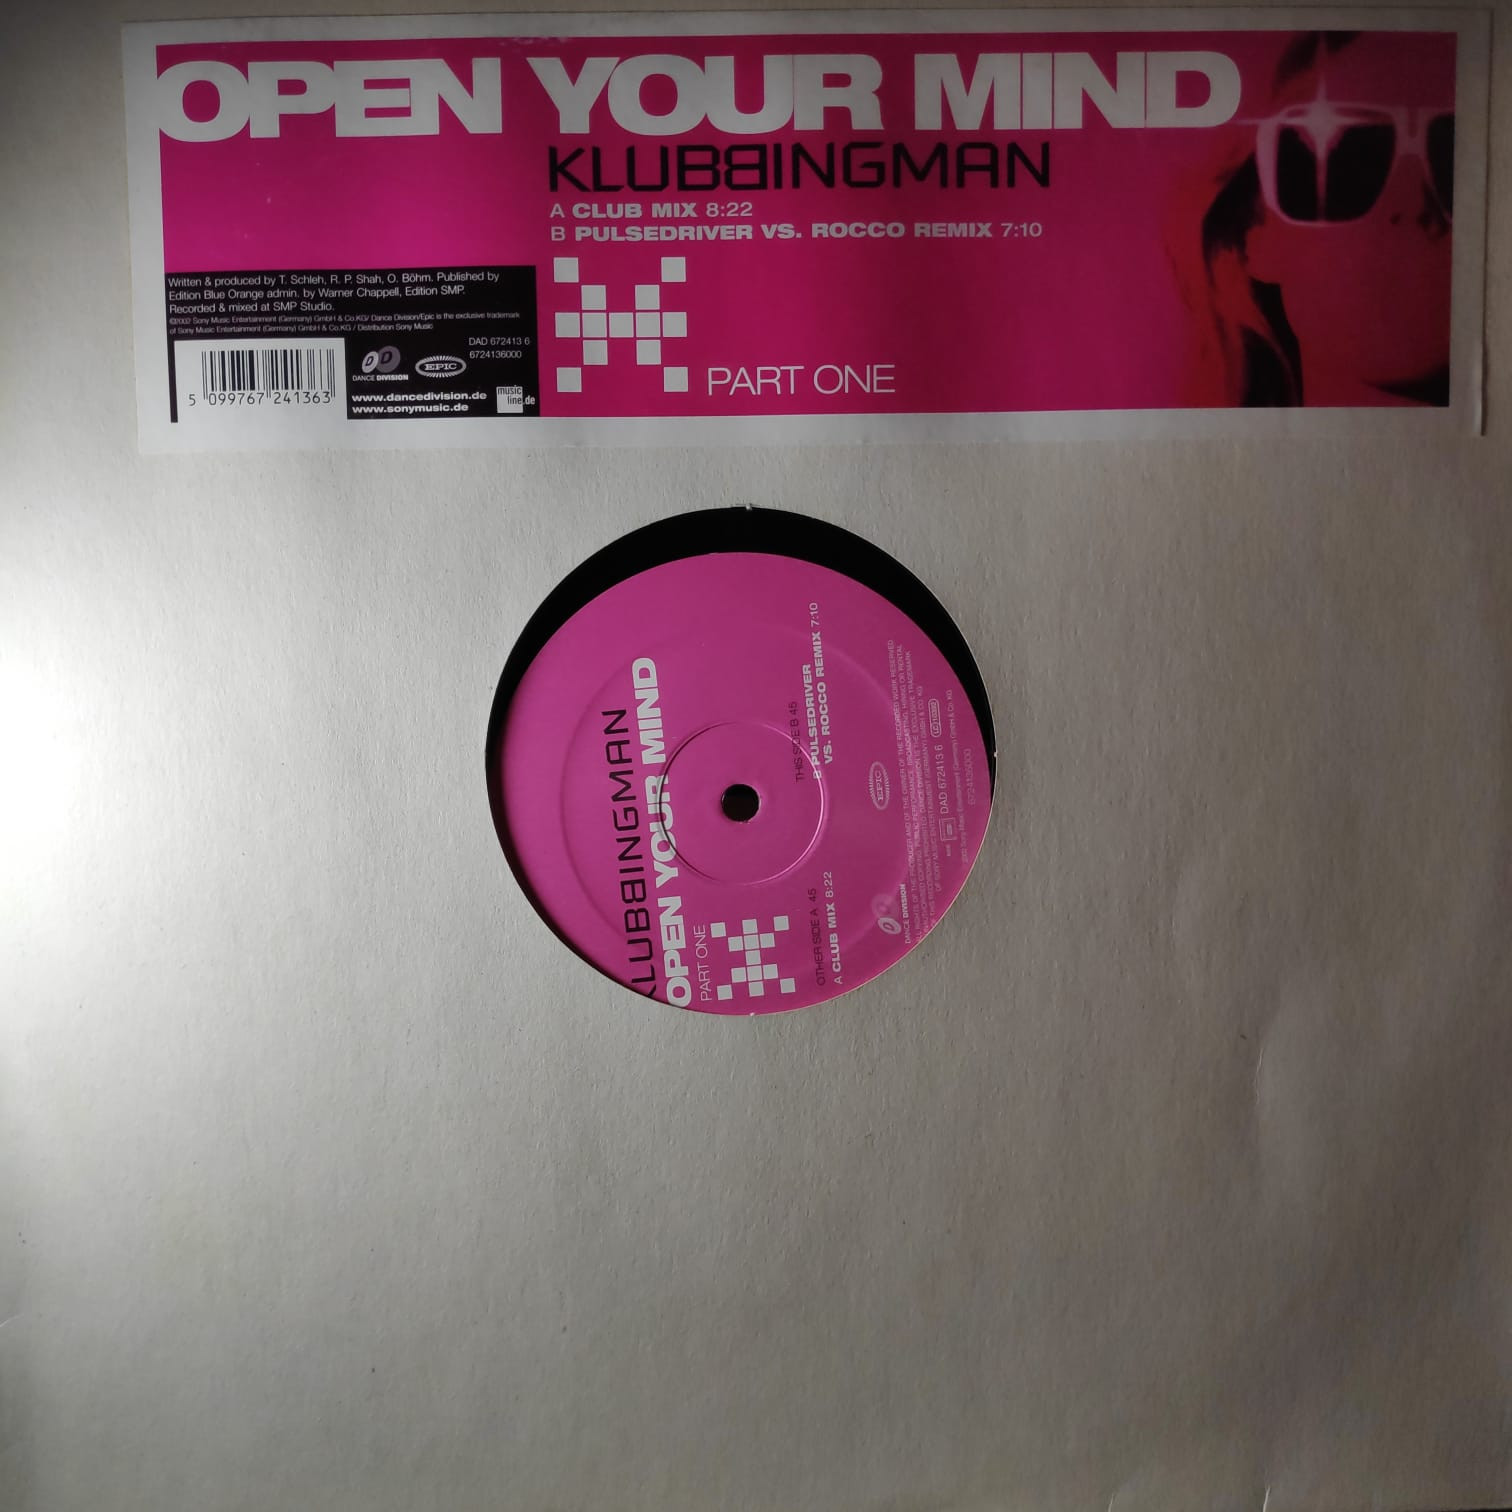 (CUB0985) Klubbingman – Open Your Mind (Part One)